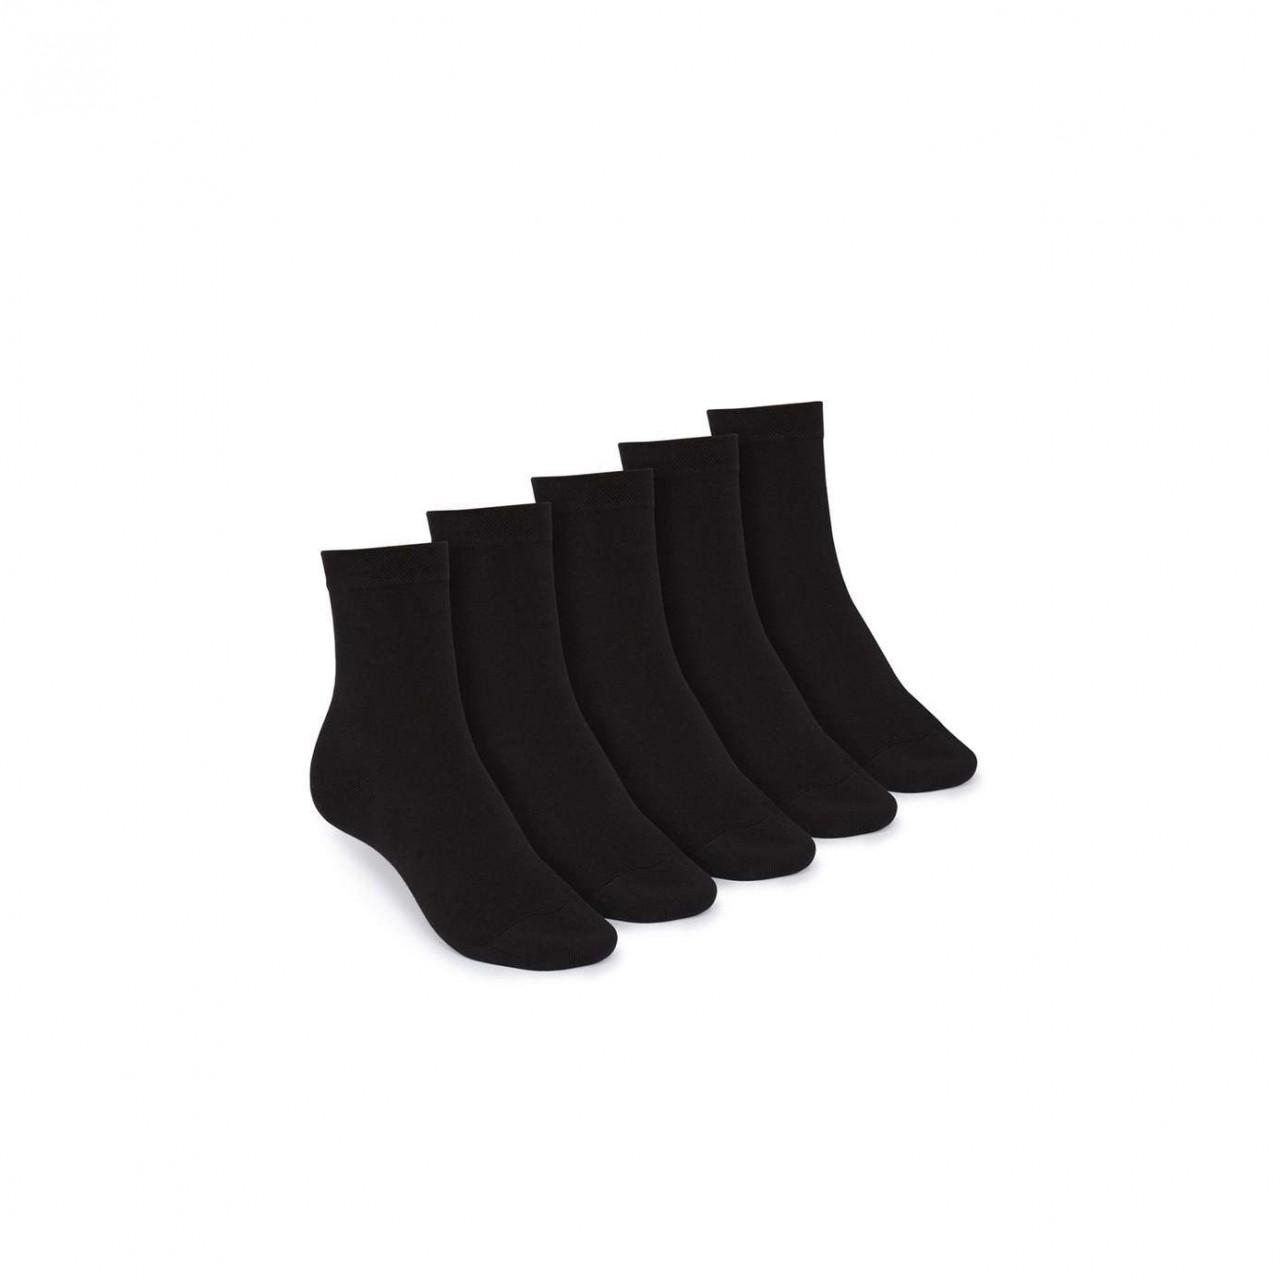 Mid-Top Socken 5er Pack Black